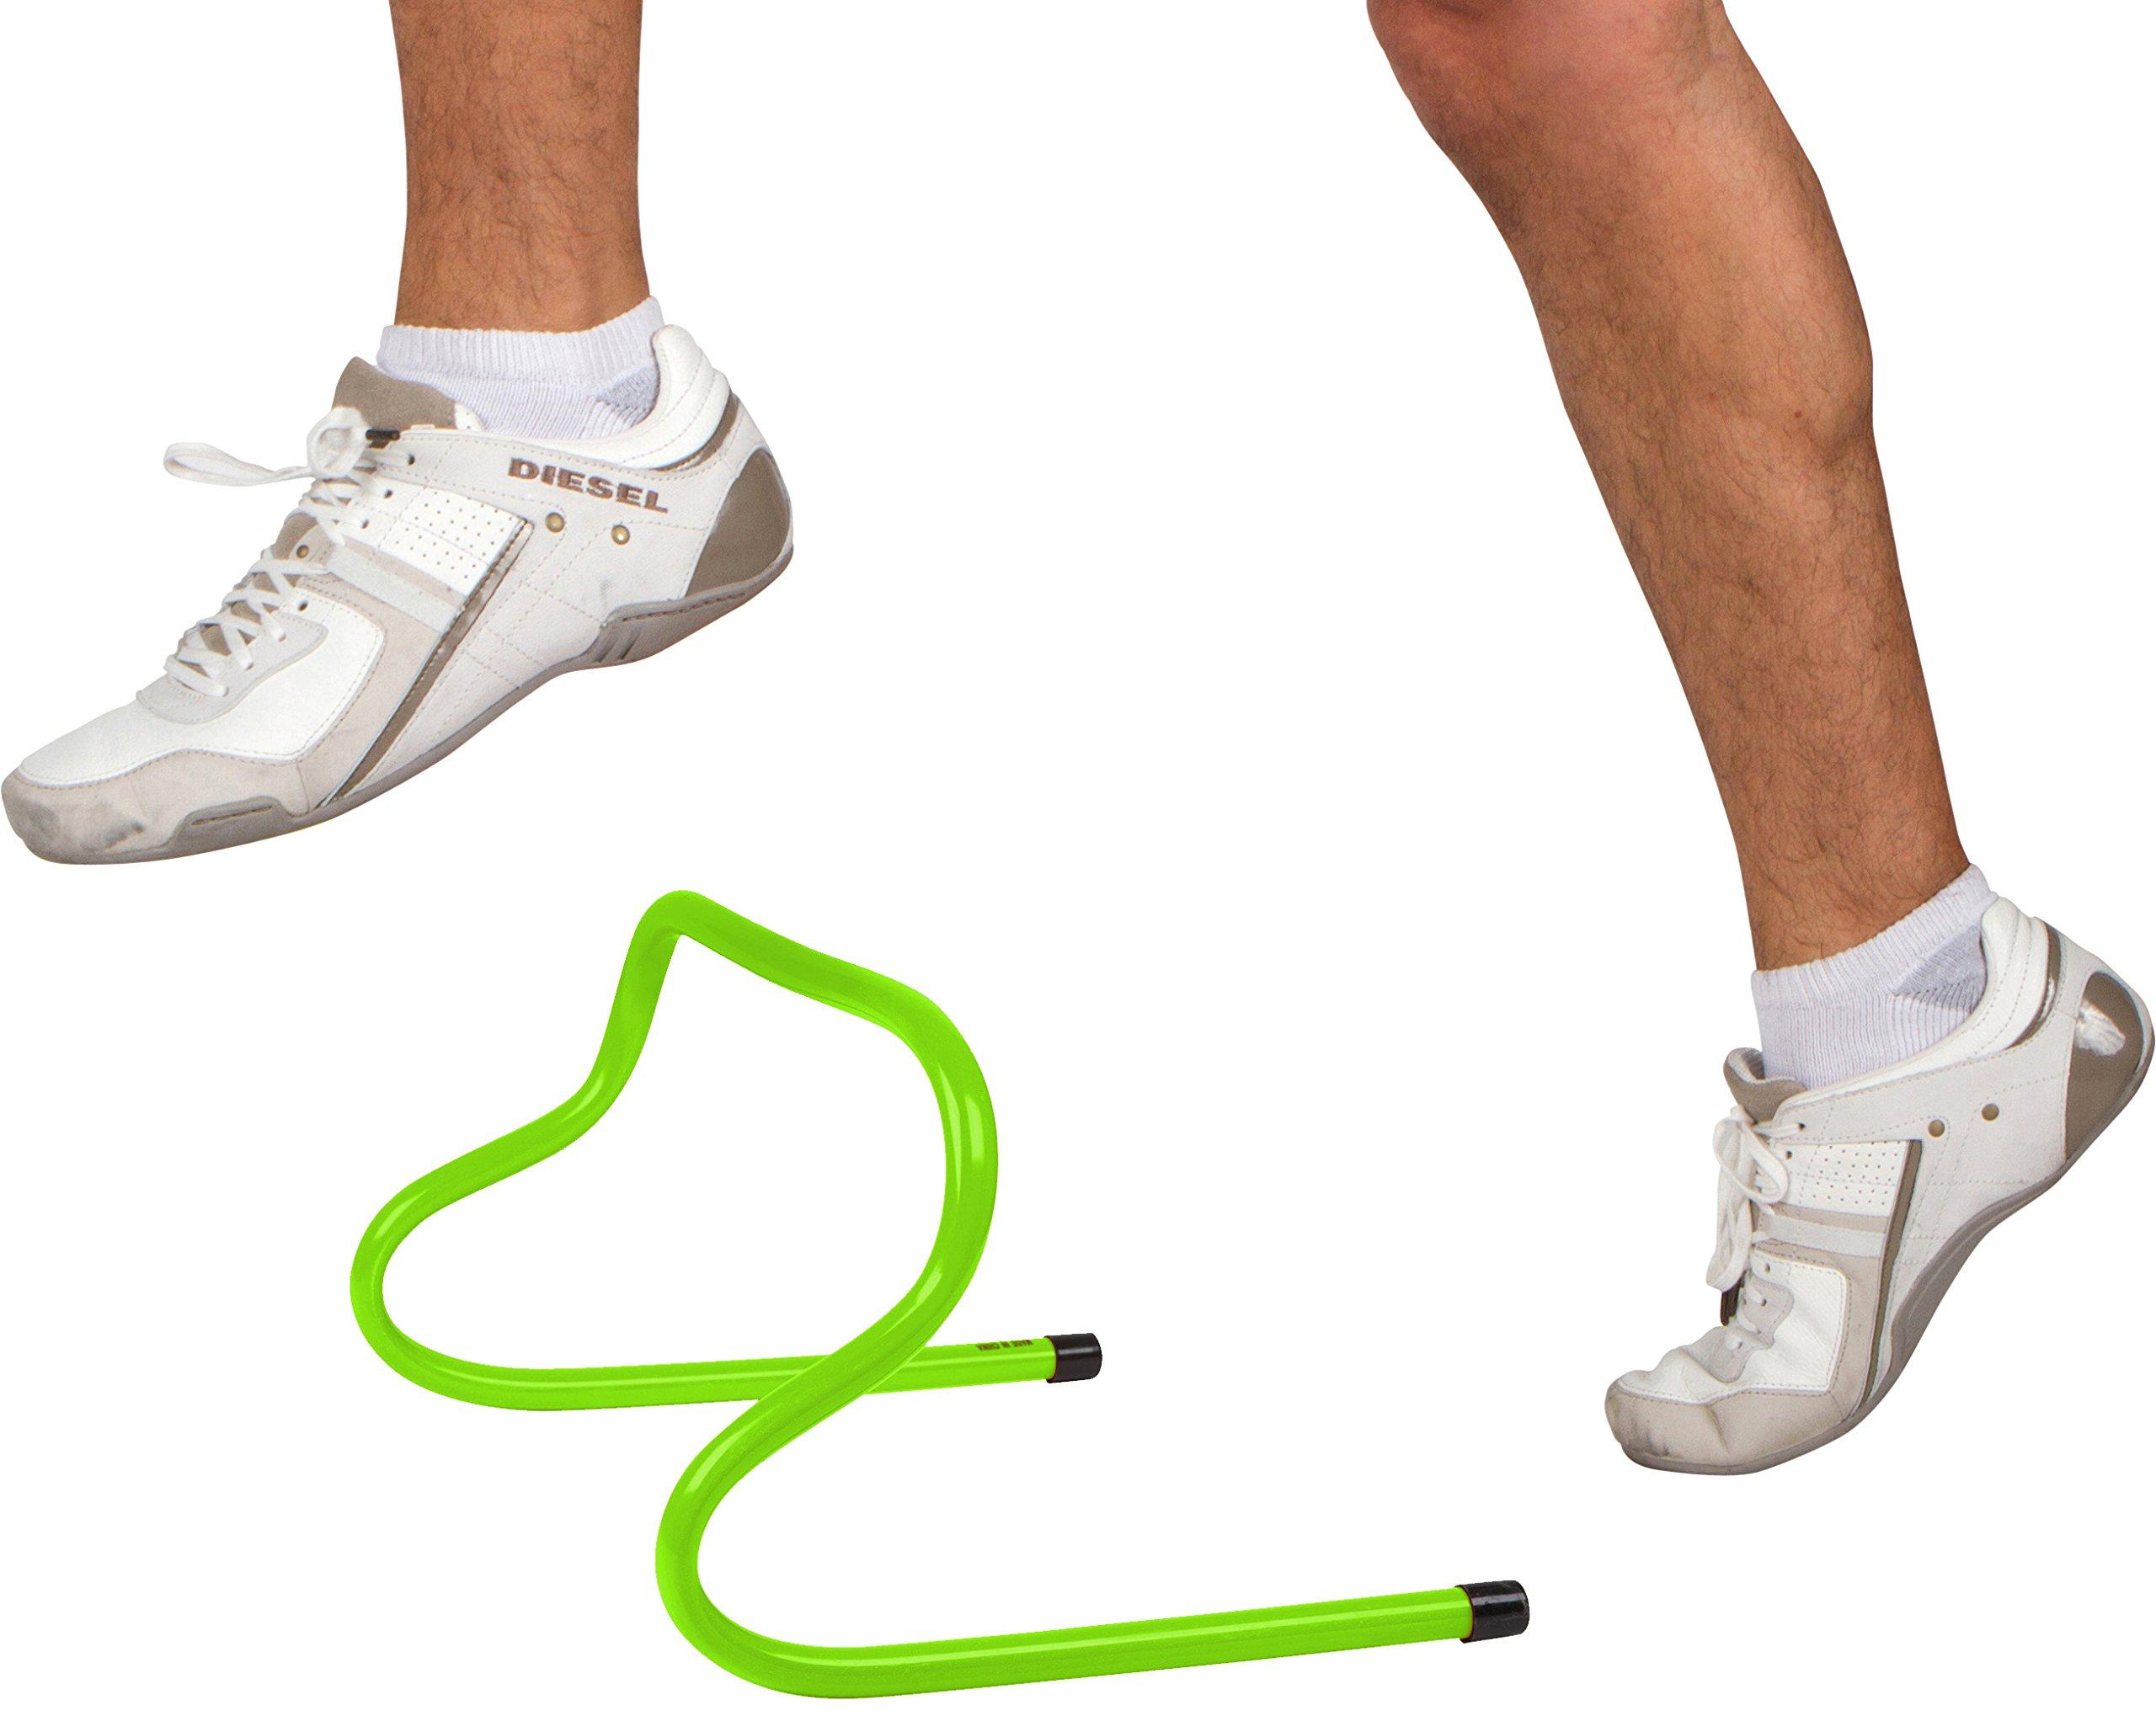 Trademark Innovations Speed Training Hurdle Set (5 Pack), 6'', Light Green by Trademark Innovations